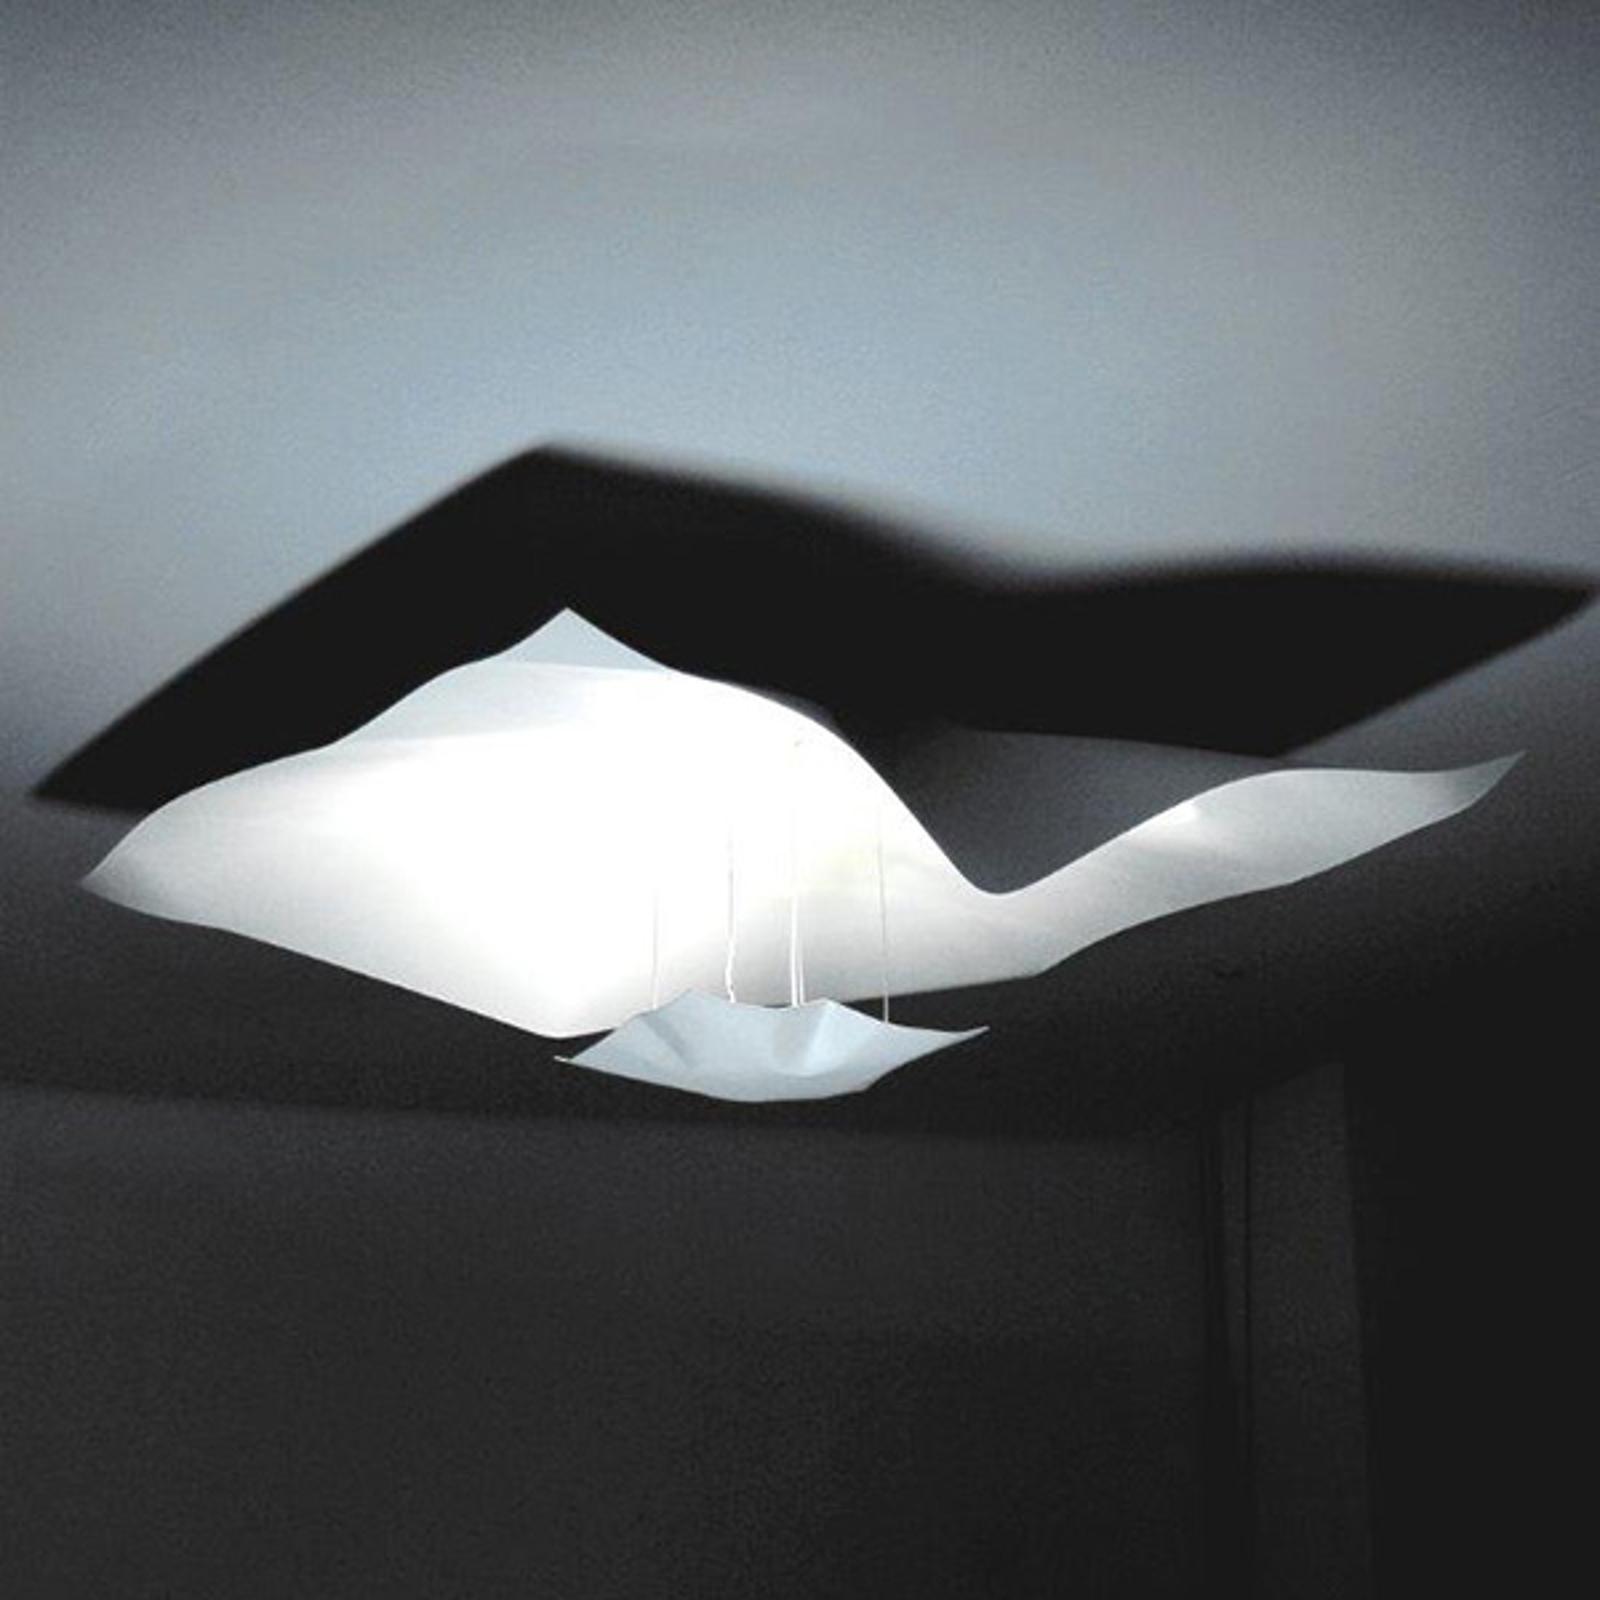 Hvid loftslampe Crash 75 cm